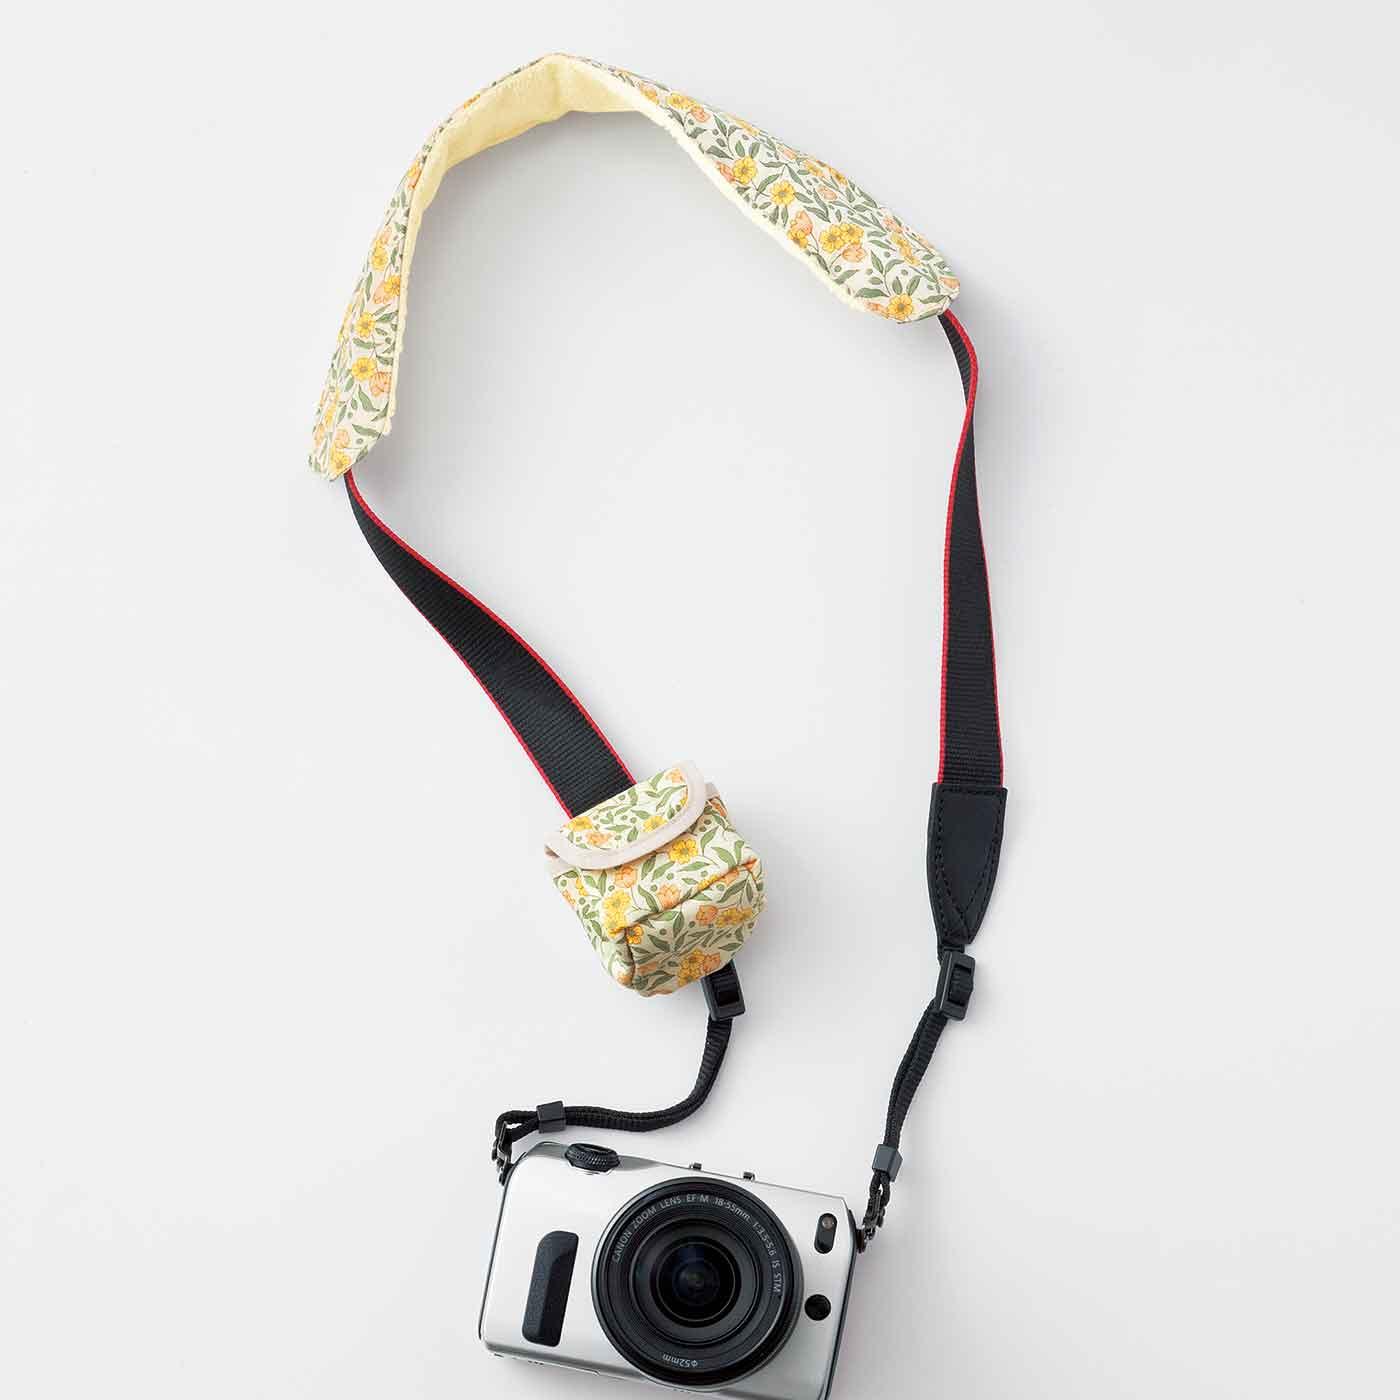 ※カメラ・ミニポケットはお届けに含まれません。